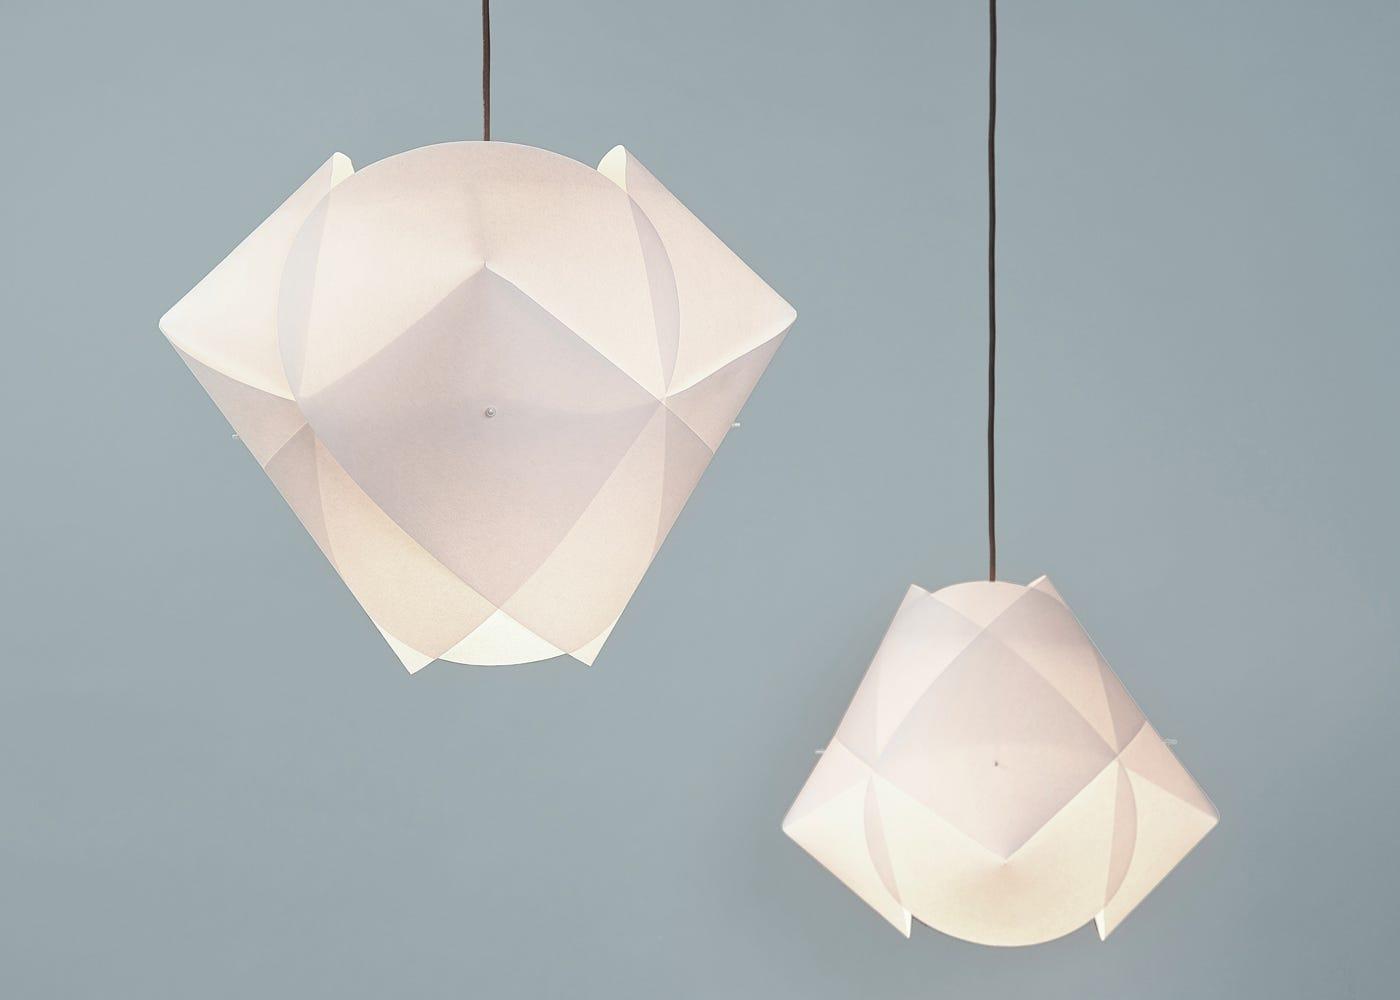 Ni-Ni pendant with Ni-Ni mini pendant hung in a cluster